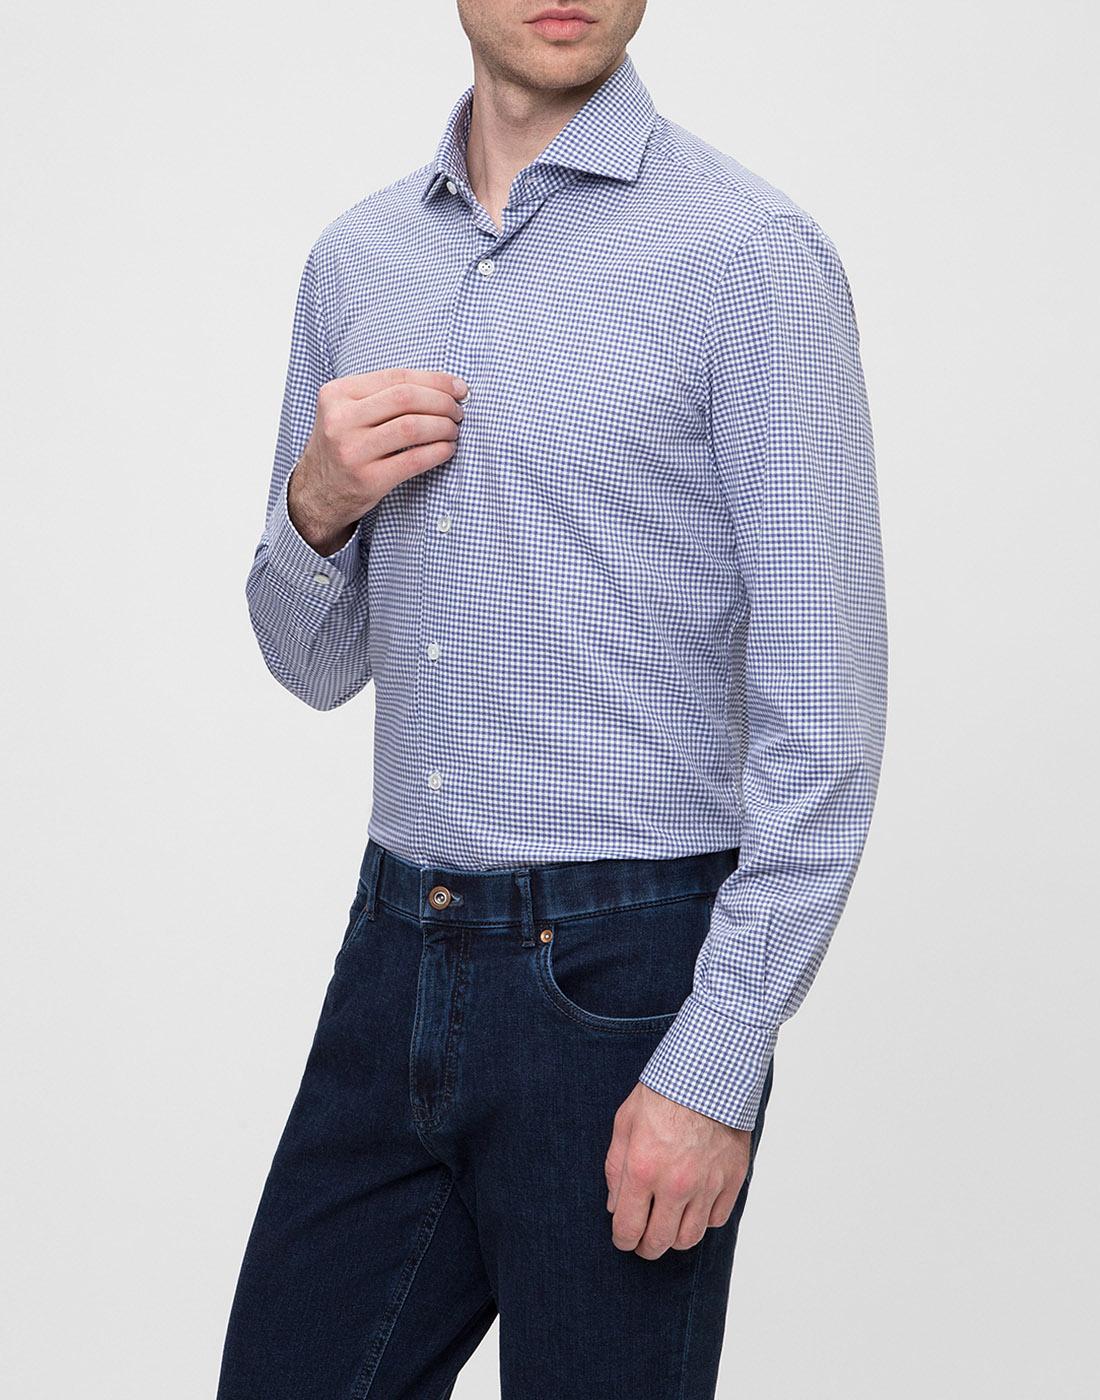 Мужская голубая рубашка в клетку Barba SK4U132599301W-3